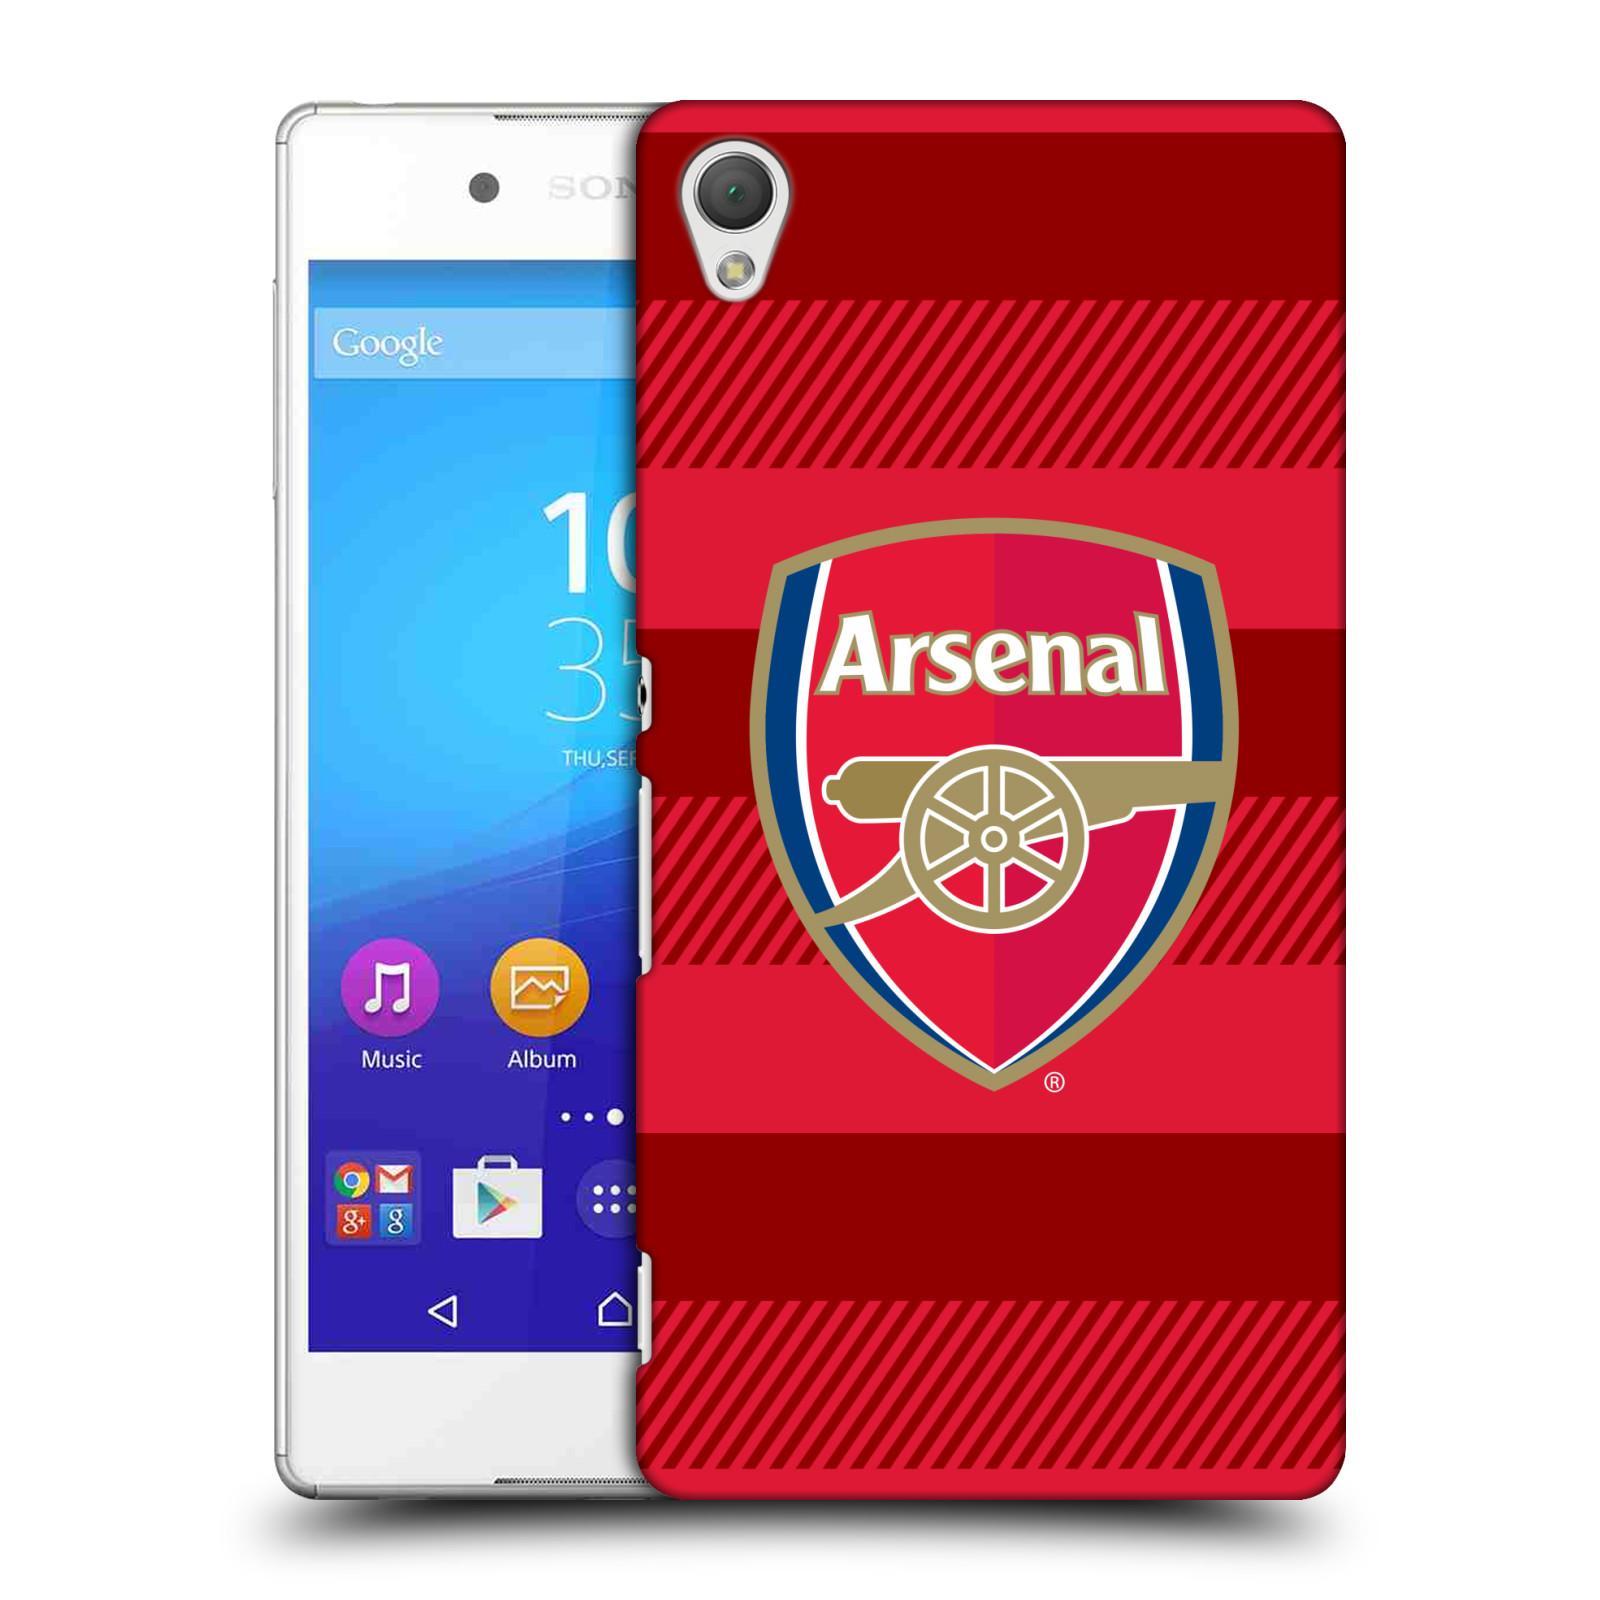 Plastové pouzdro na mobil Sony Xperia Z3+ (Plus) - Head Case - Arsenal FC - Logo s pruhy (Plastový kryt či obal na mobilní telefon s motivem klubu Arsenal FC - Logo s pruhy pro Sony Xperia Z3+ a Sony Xperia Z4 )